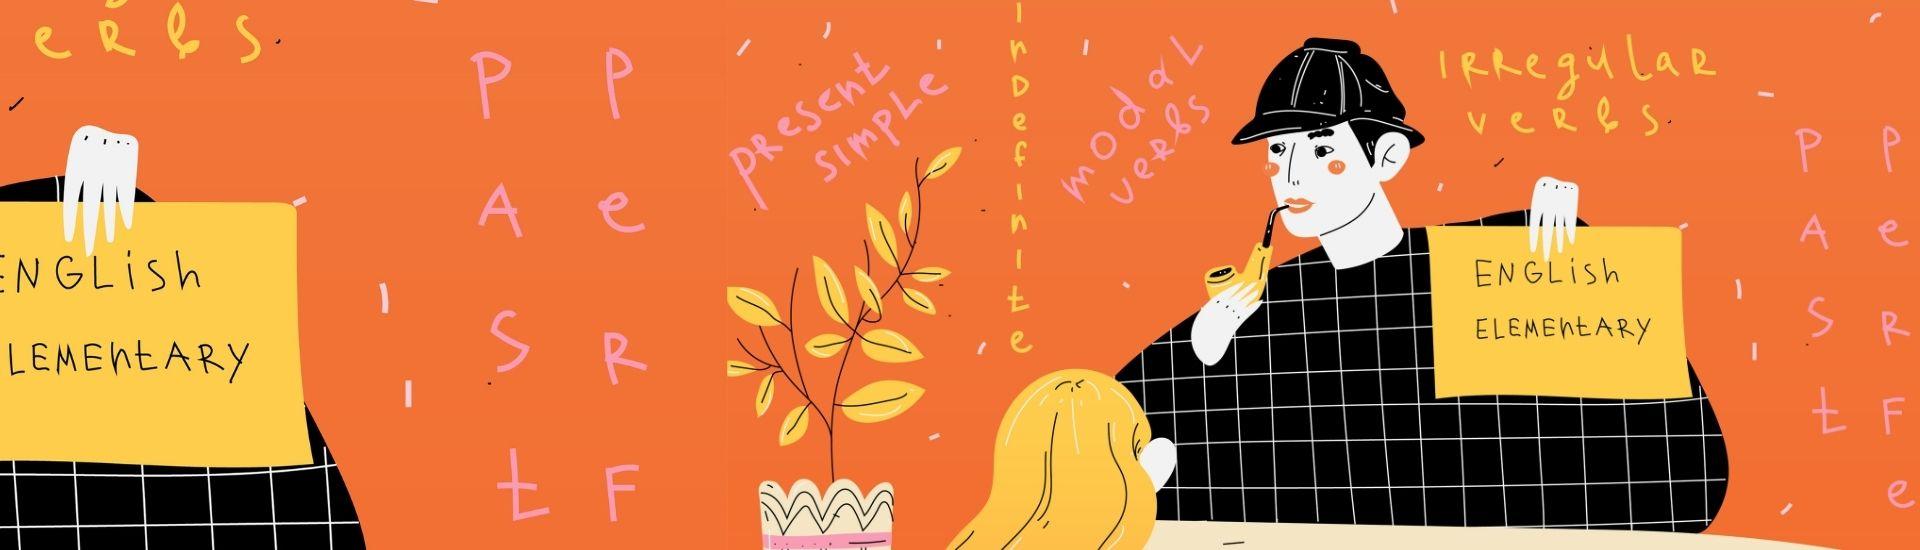 Ilustración de un profesor con varias láminas con palabras en inglés. De frente, una alumna mirándolo fijamente y aprendiendo (repitiendo) lo que dicen las láminas.